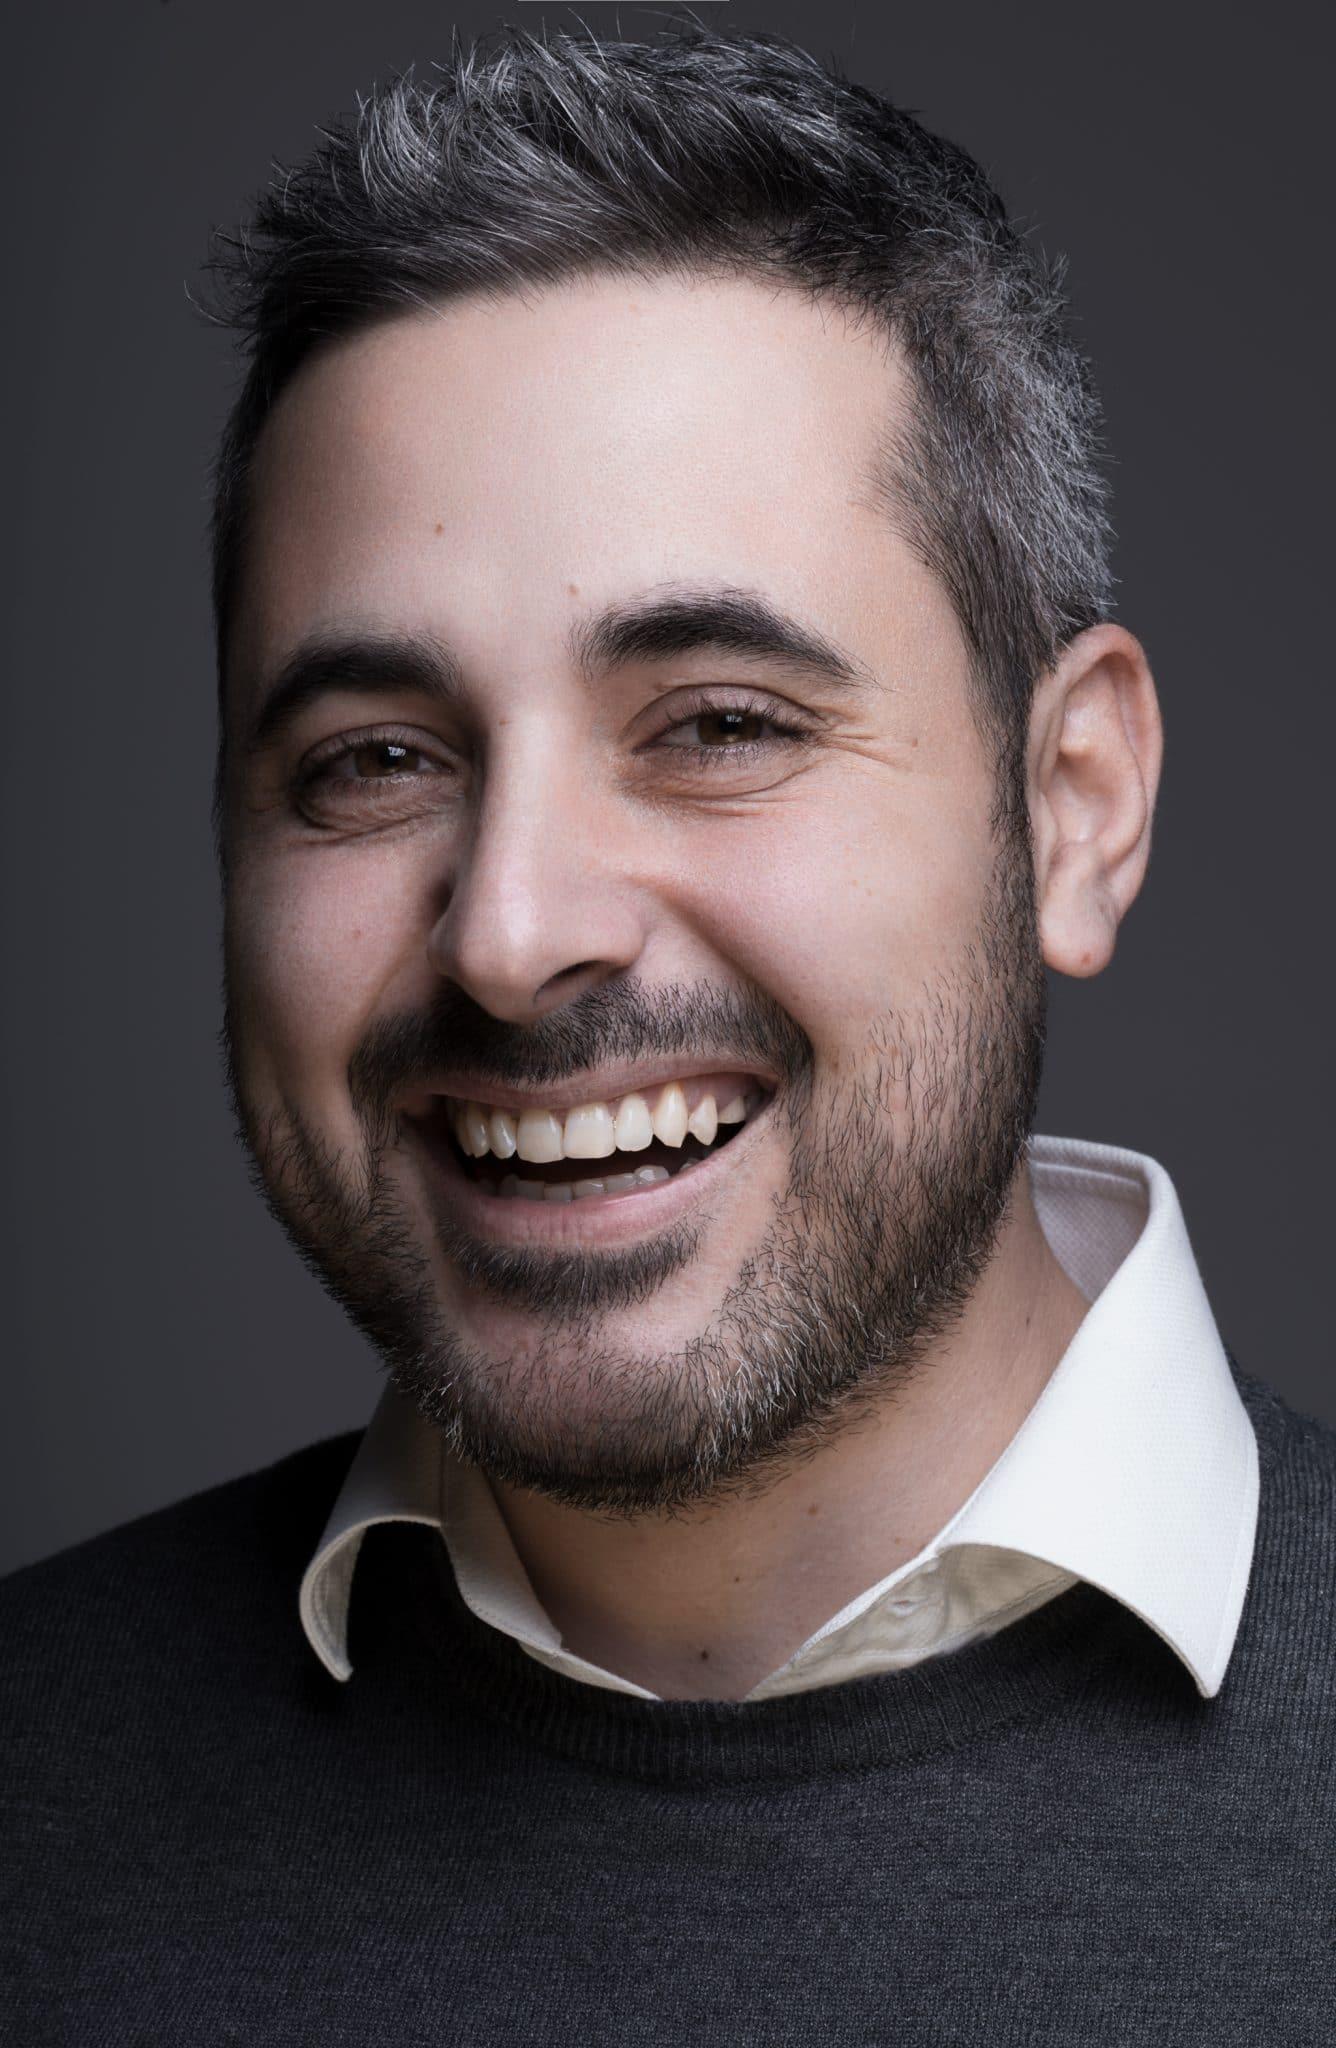 Giuliano Orsino Voice Concierge